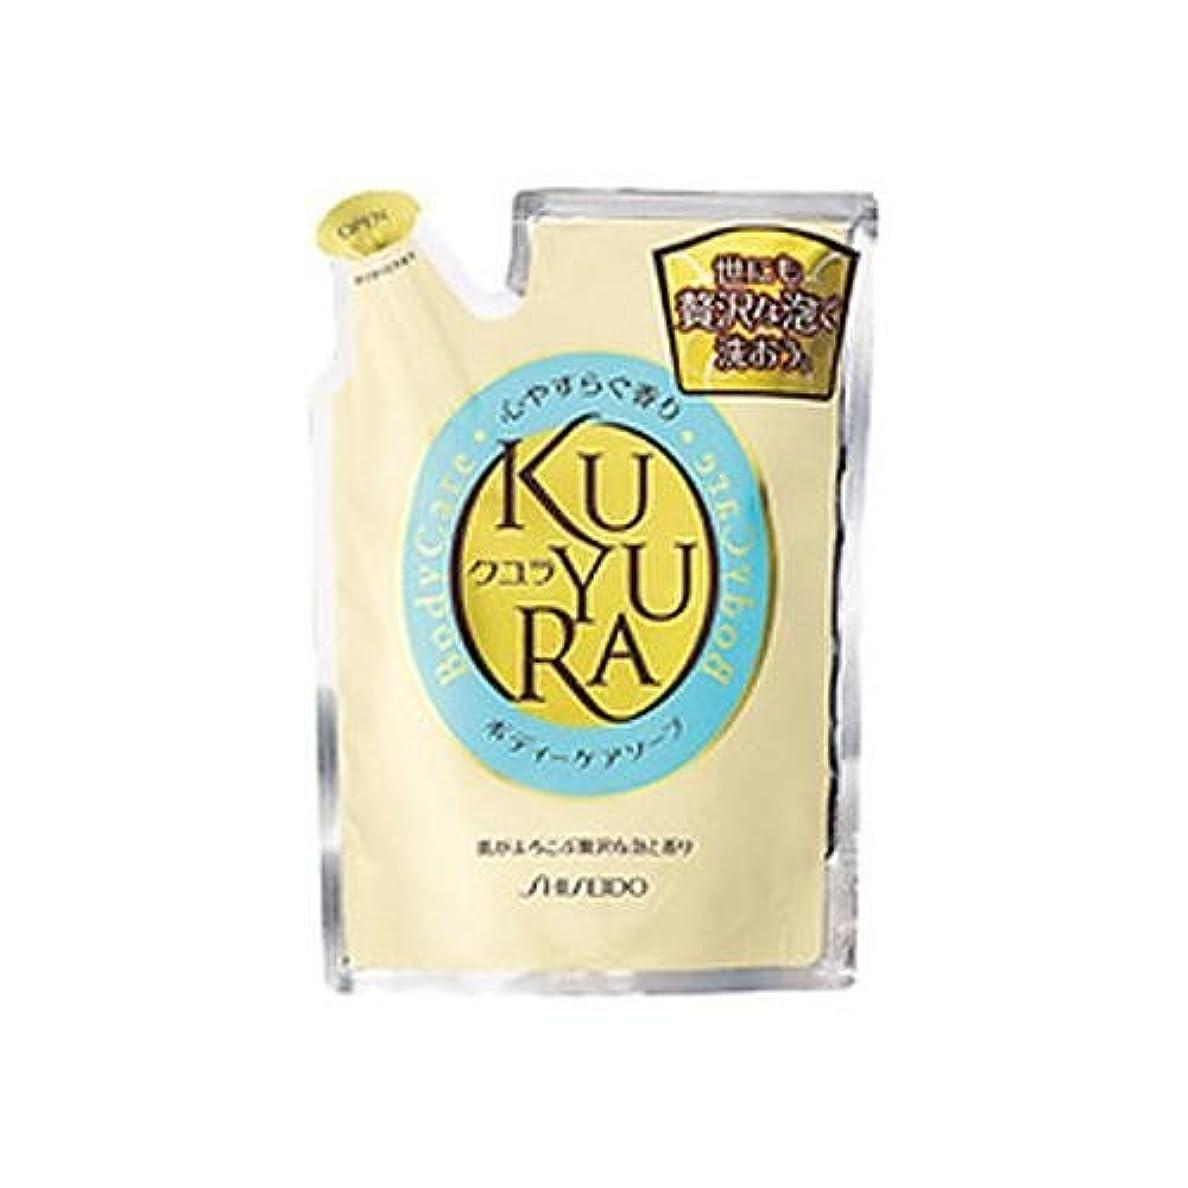 メディカルコードロッド資生堂 クユラ ボディケアソープ 心やすらぐ香り つめかえ用400ml×18点セット (4901872836260)